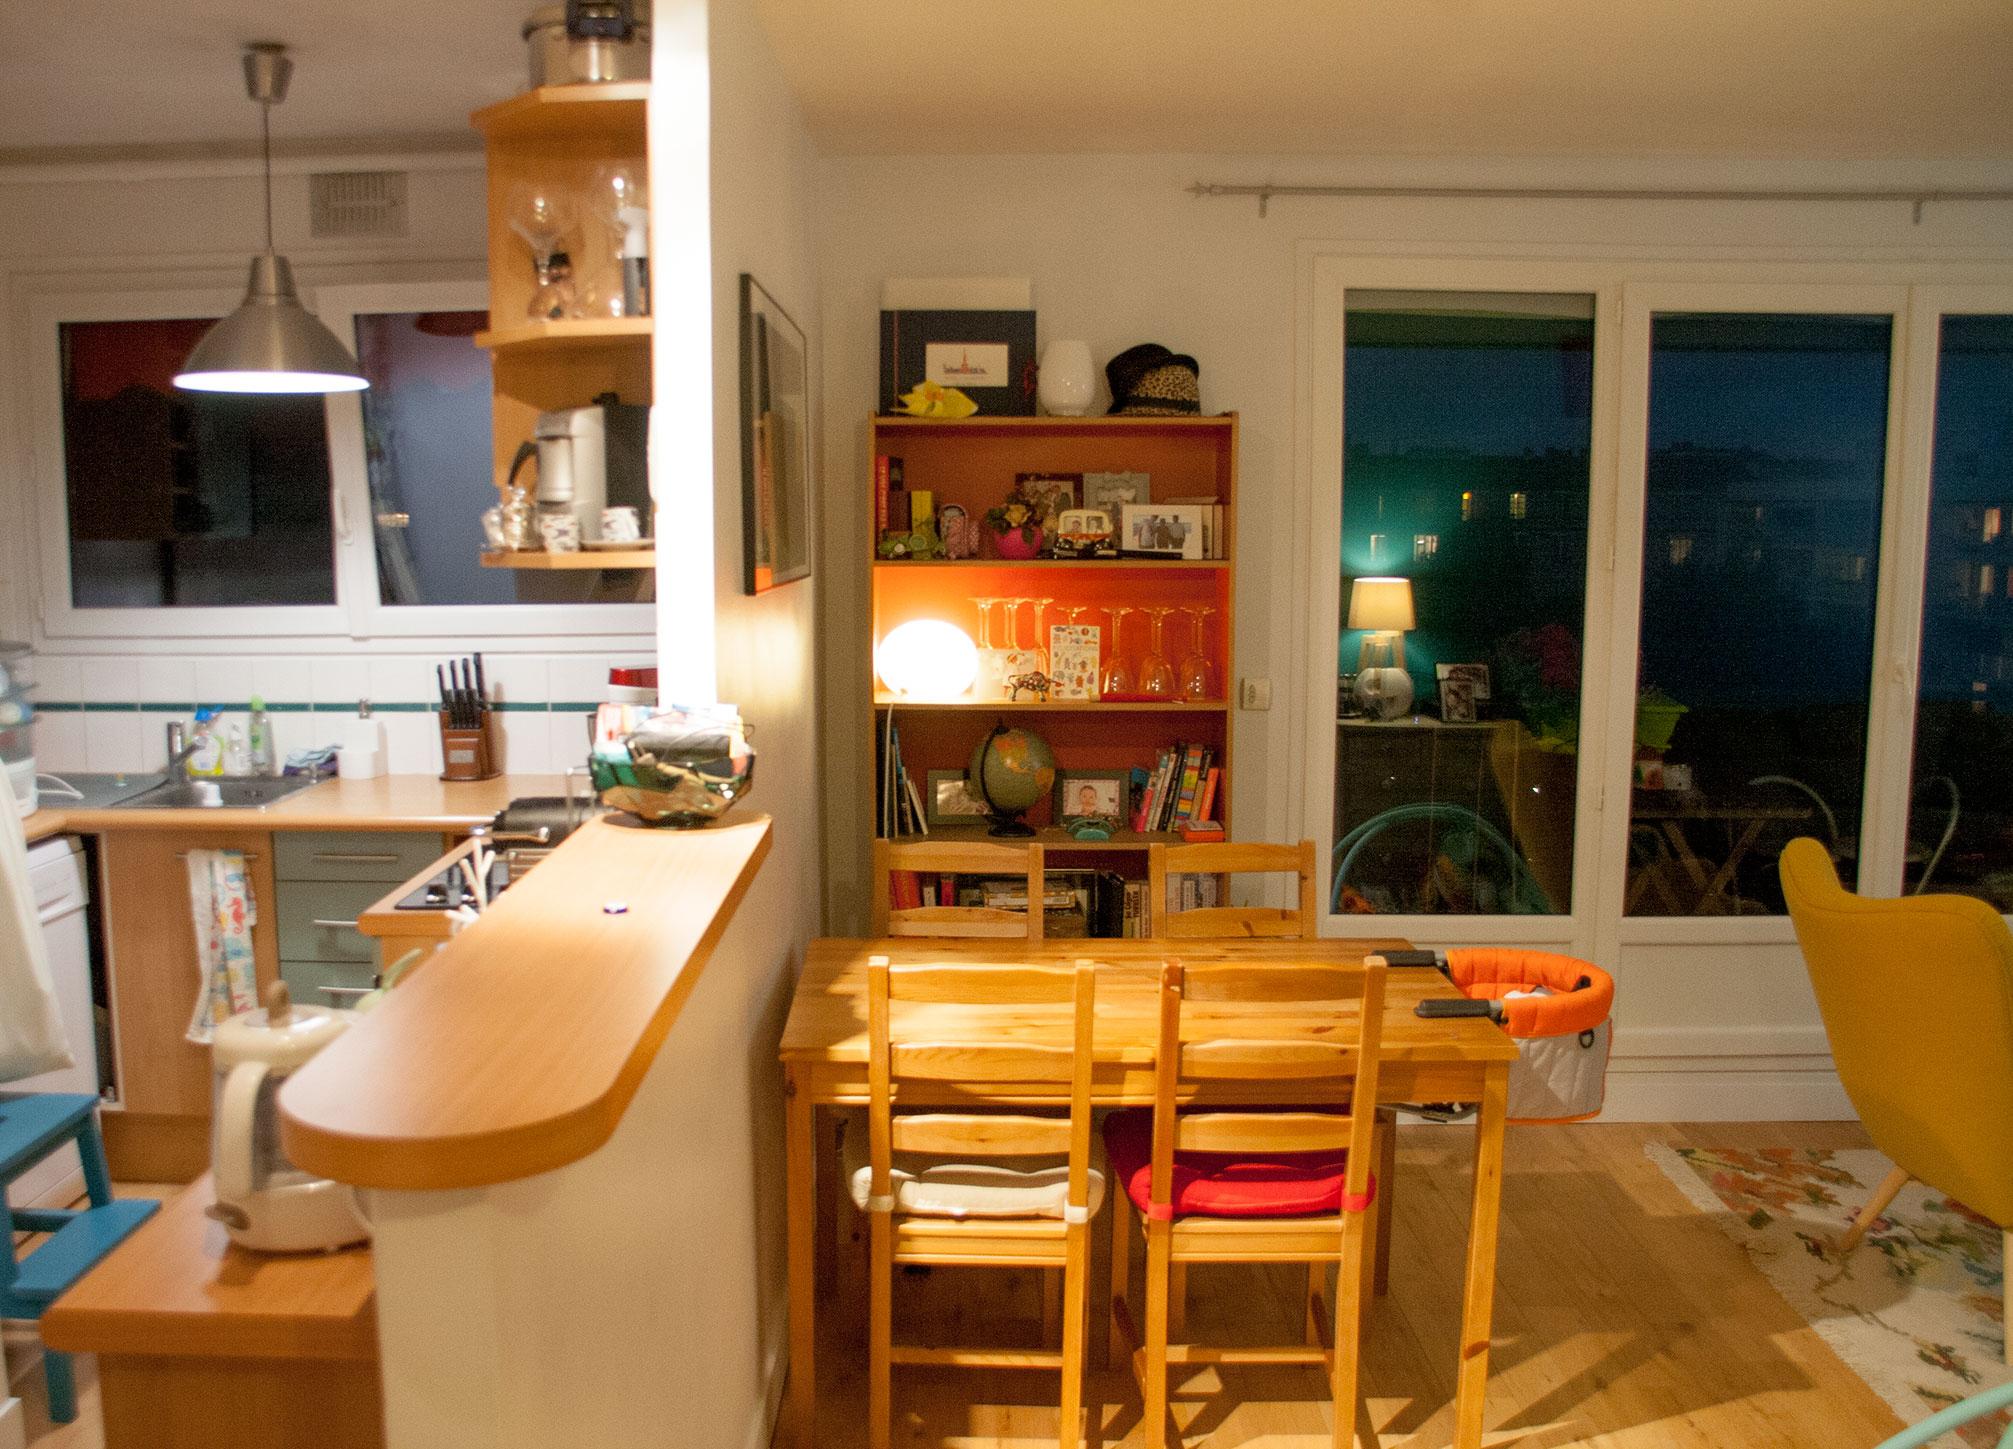 chasseur immobilier avis et t moignages arfim. Black Bedroom Furniture Sets. Home Design Ideas